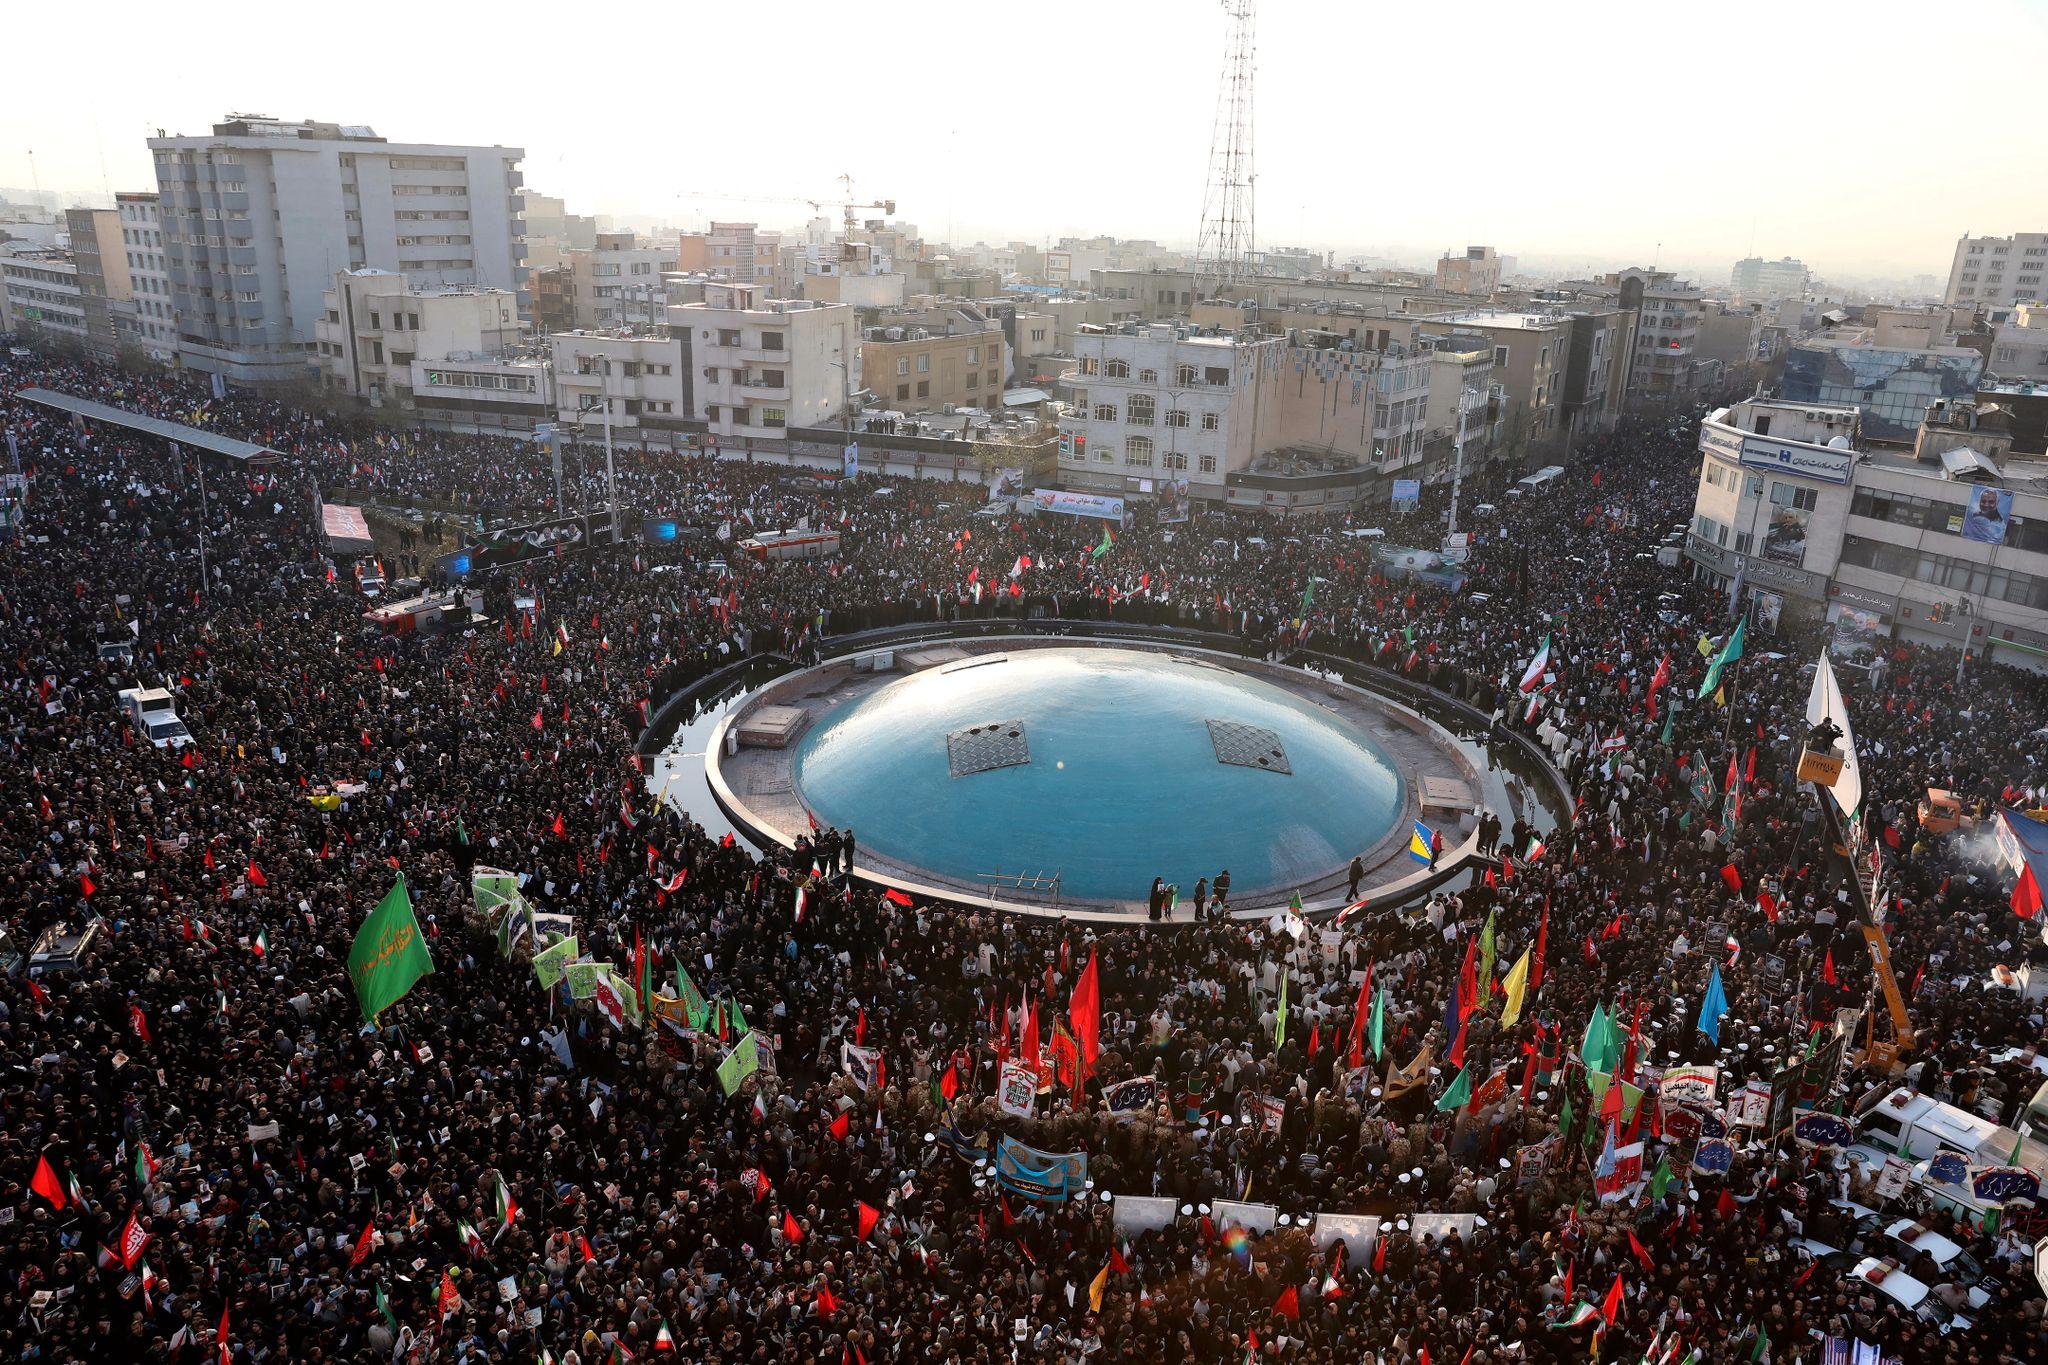 Tusenvis av mennesker deltok søndag i markeringer i Teheran og Ahvaz etter Qasem Soleimanis død.